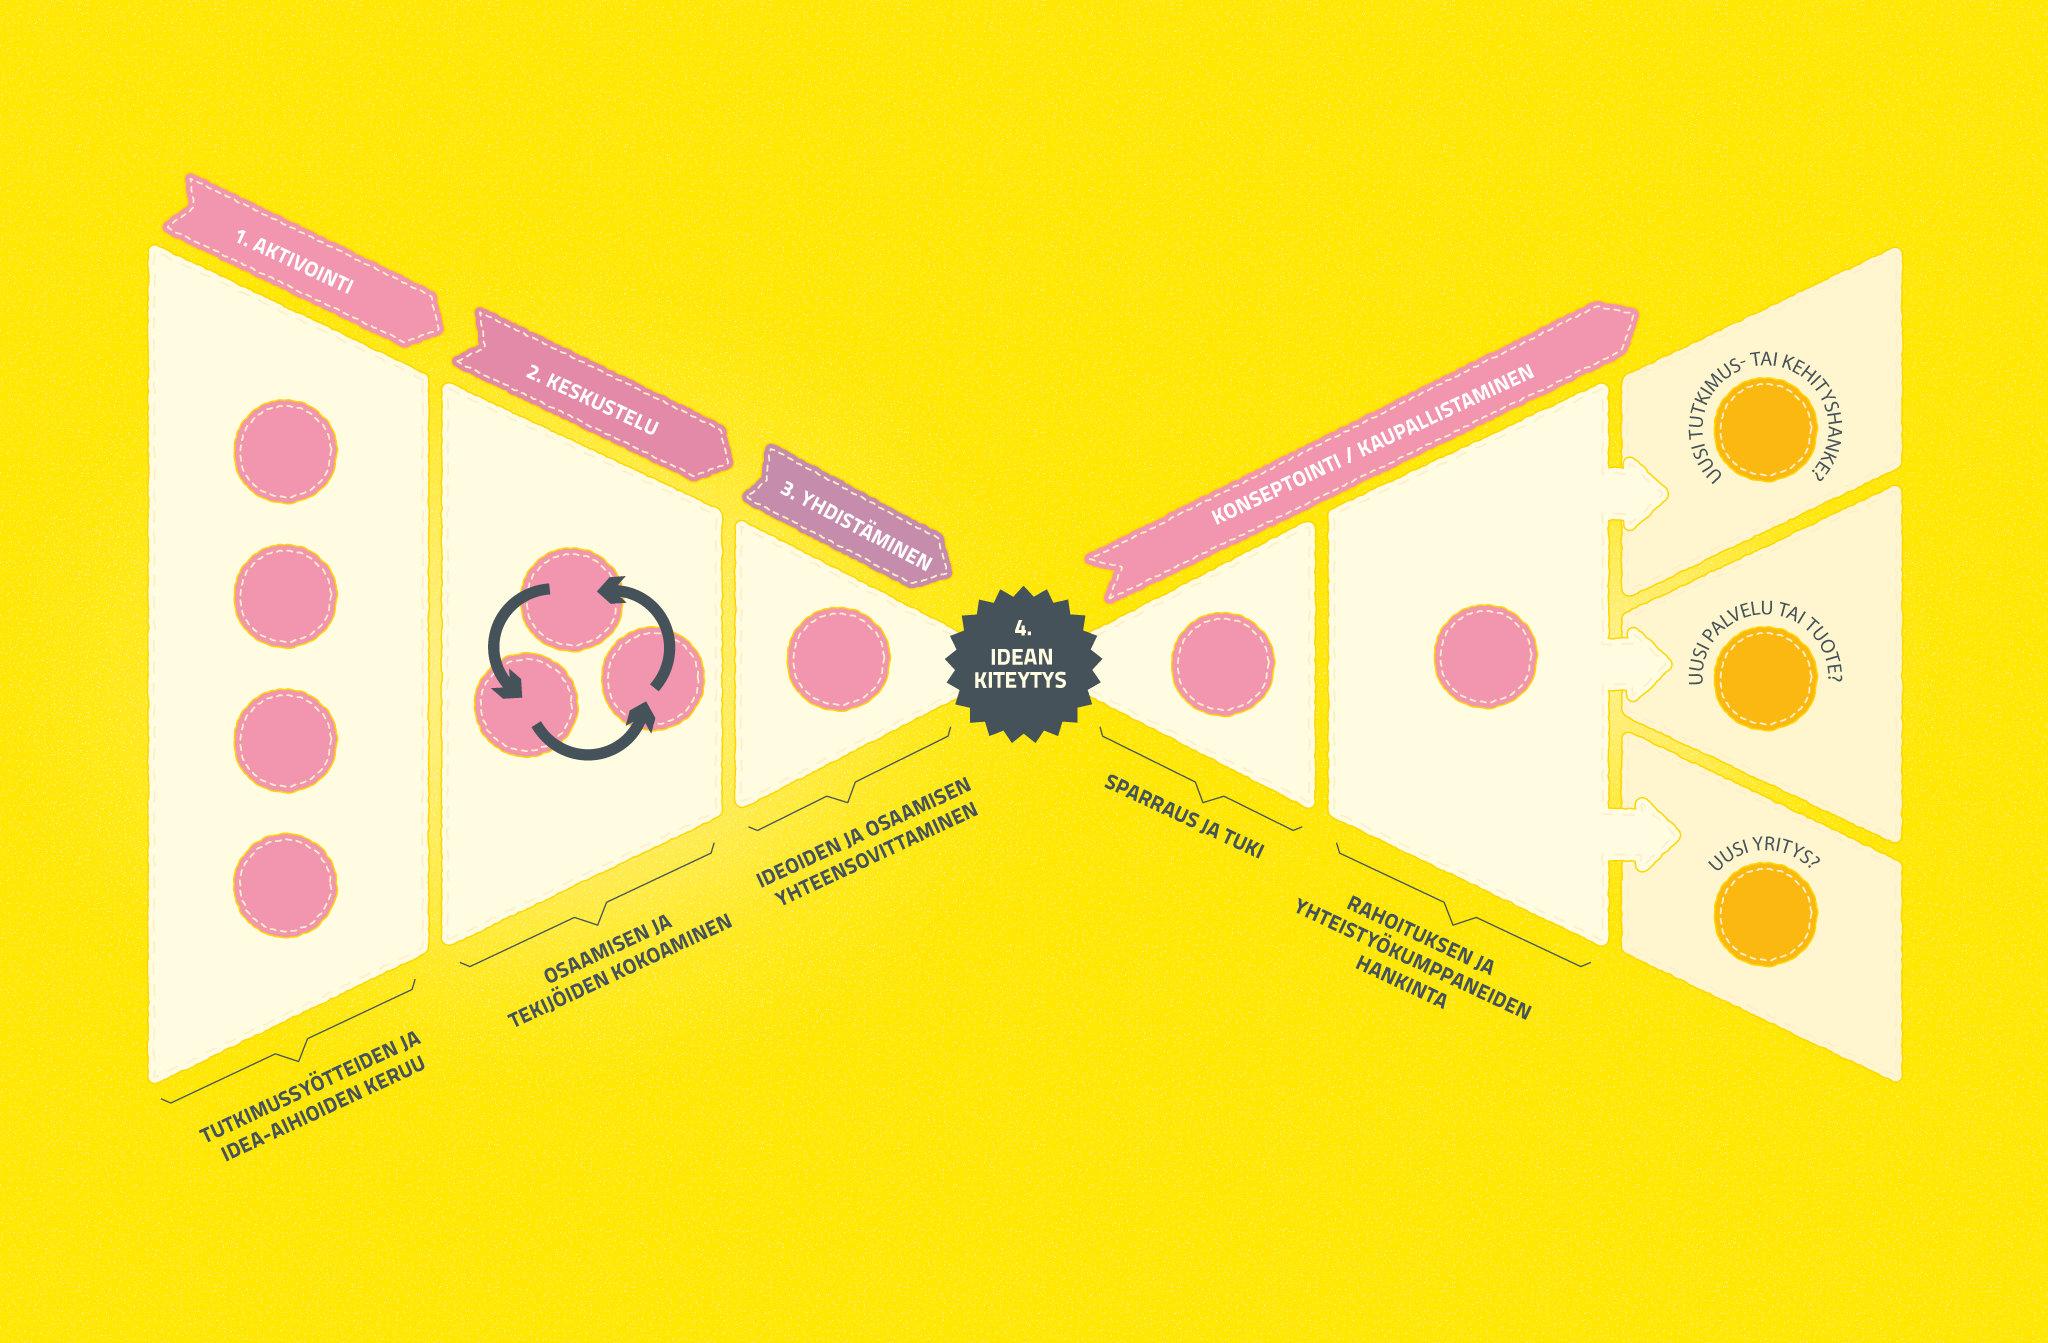 Kaupallistamissuppilon visualisointi. Tämä kaavio taisi olla alunperin Mikko Markkasen idea, josta tehtiin sitten visuaalisesti paremmin BA:n tyyliin sopiva versio.